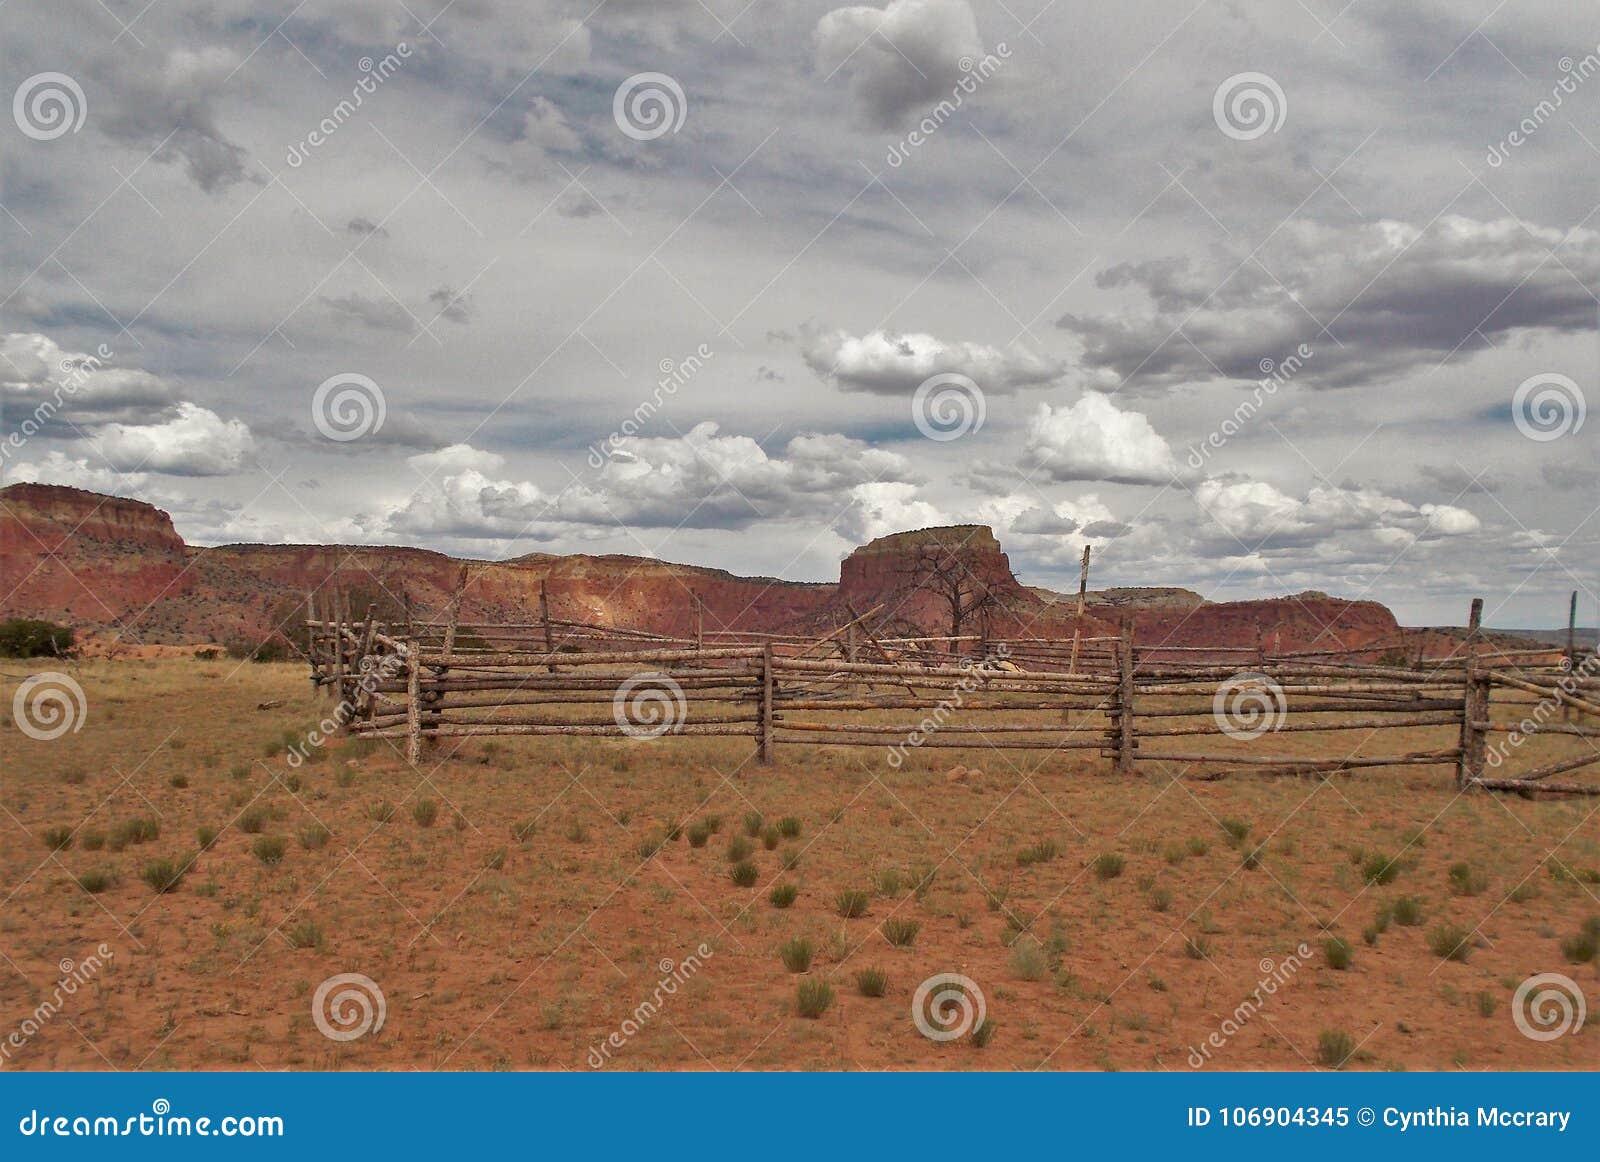 Corral de ranch de Ghost